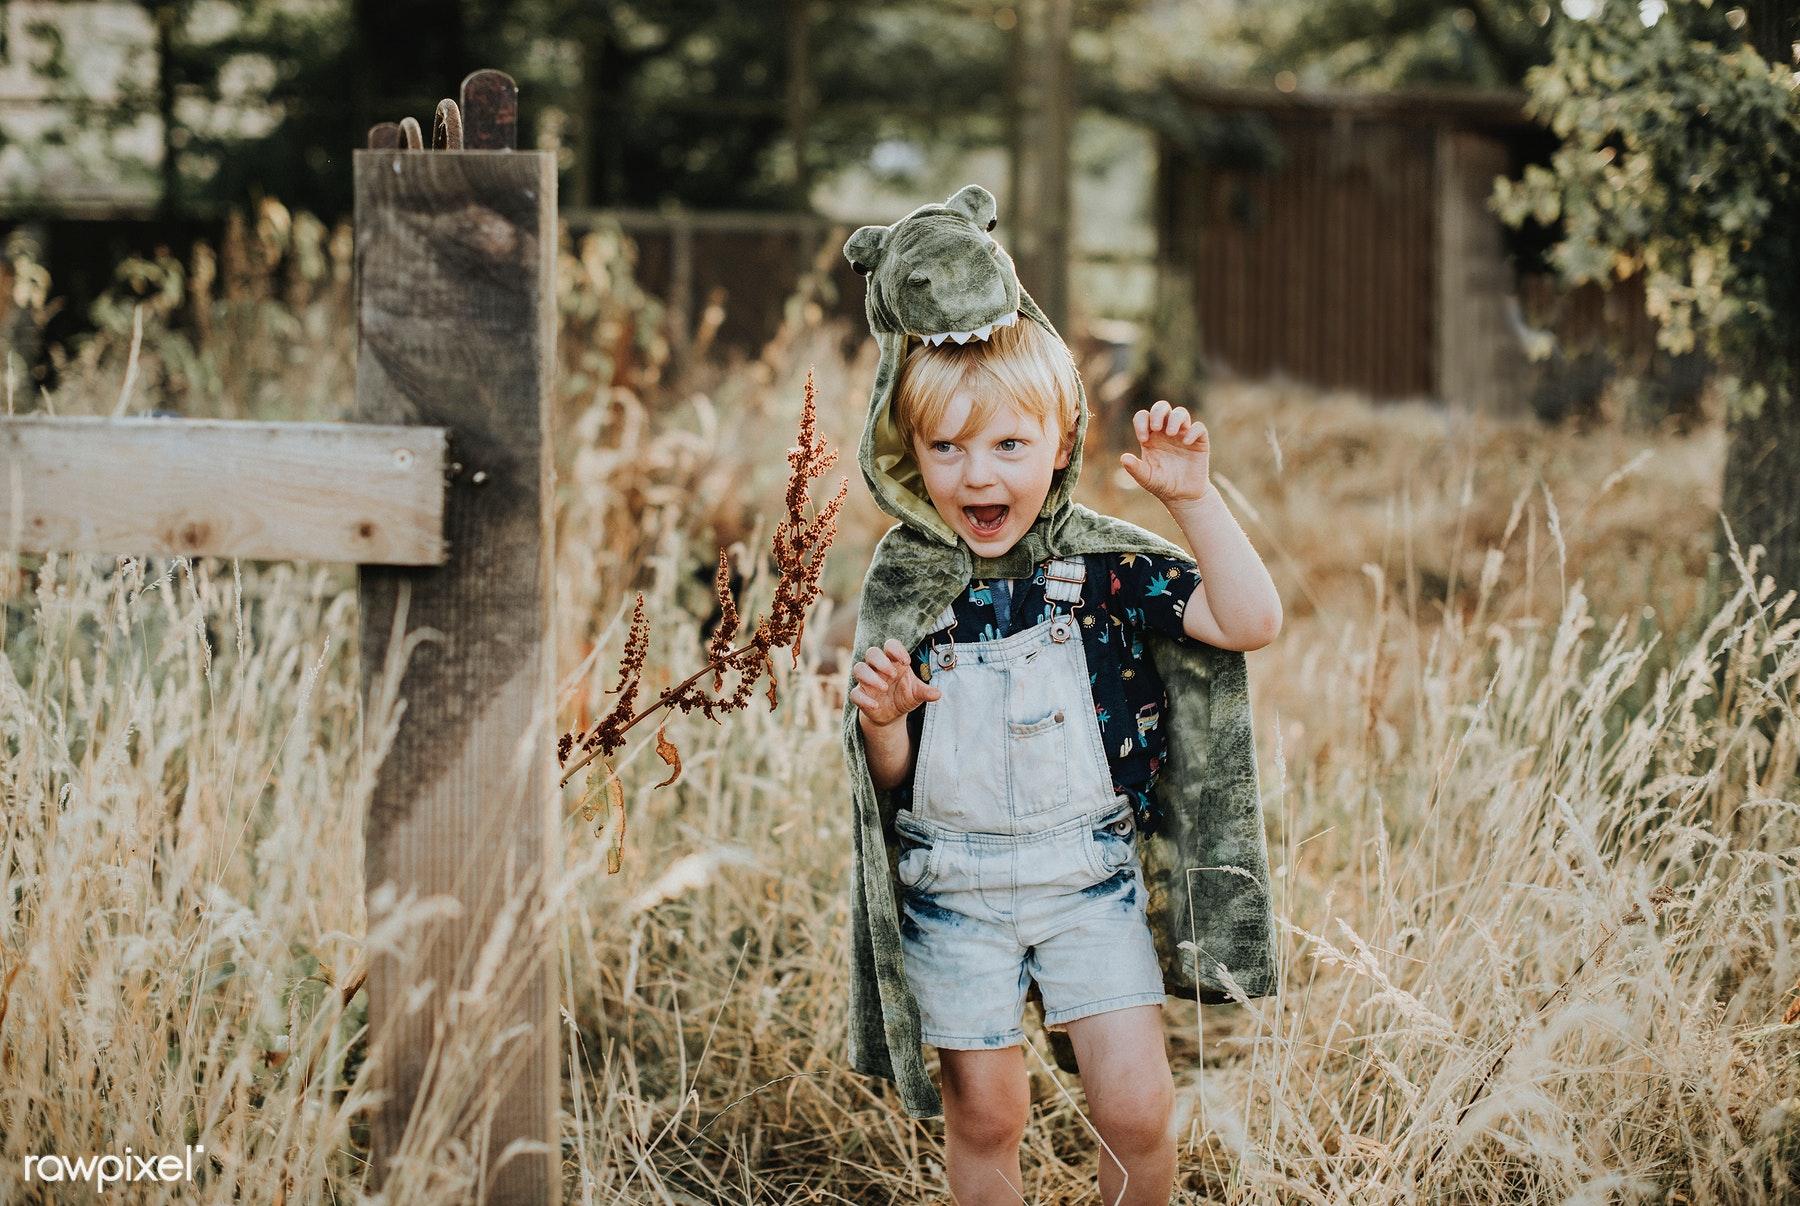 Jongetje buiten in een veld in tuinbroek met een krokodillendeken over zich heen